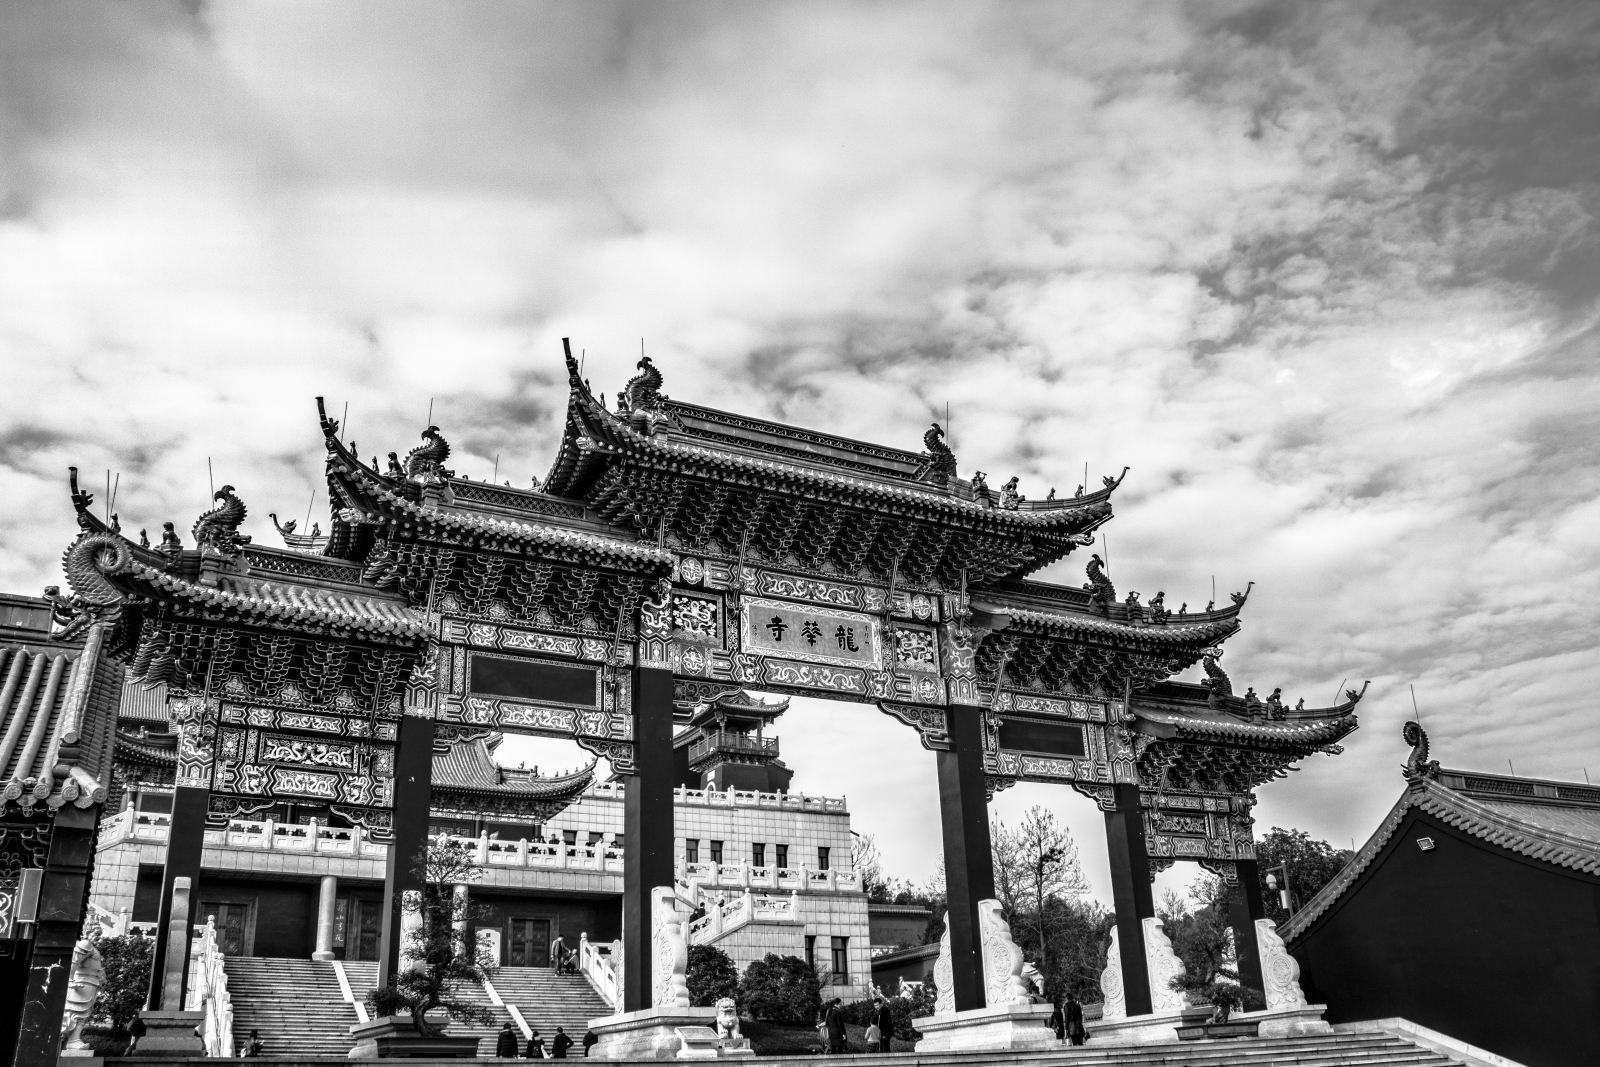 丽江是一个适合情侣旅游的地方。有什么详细的推荐吗?